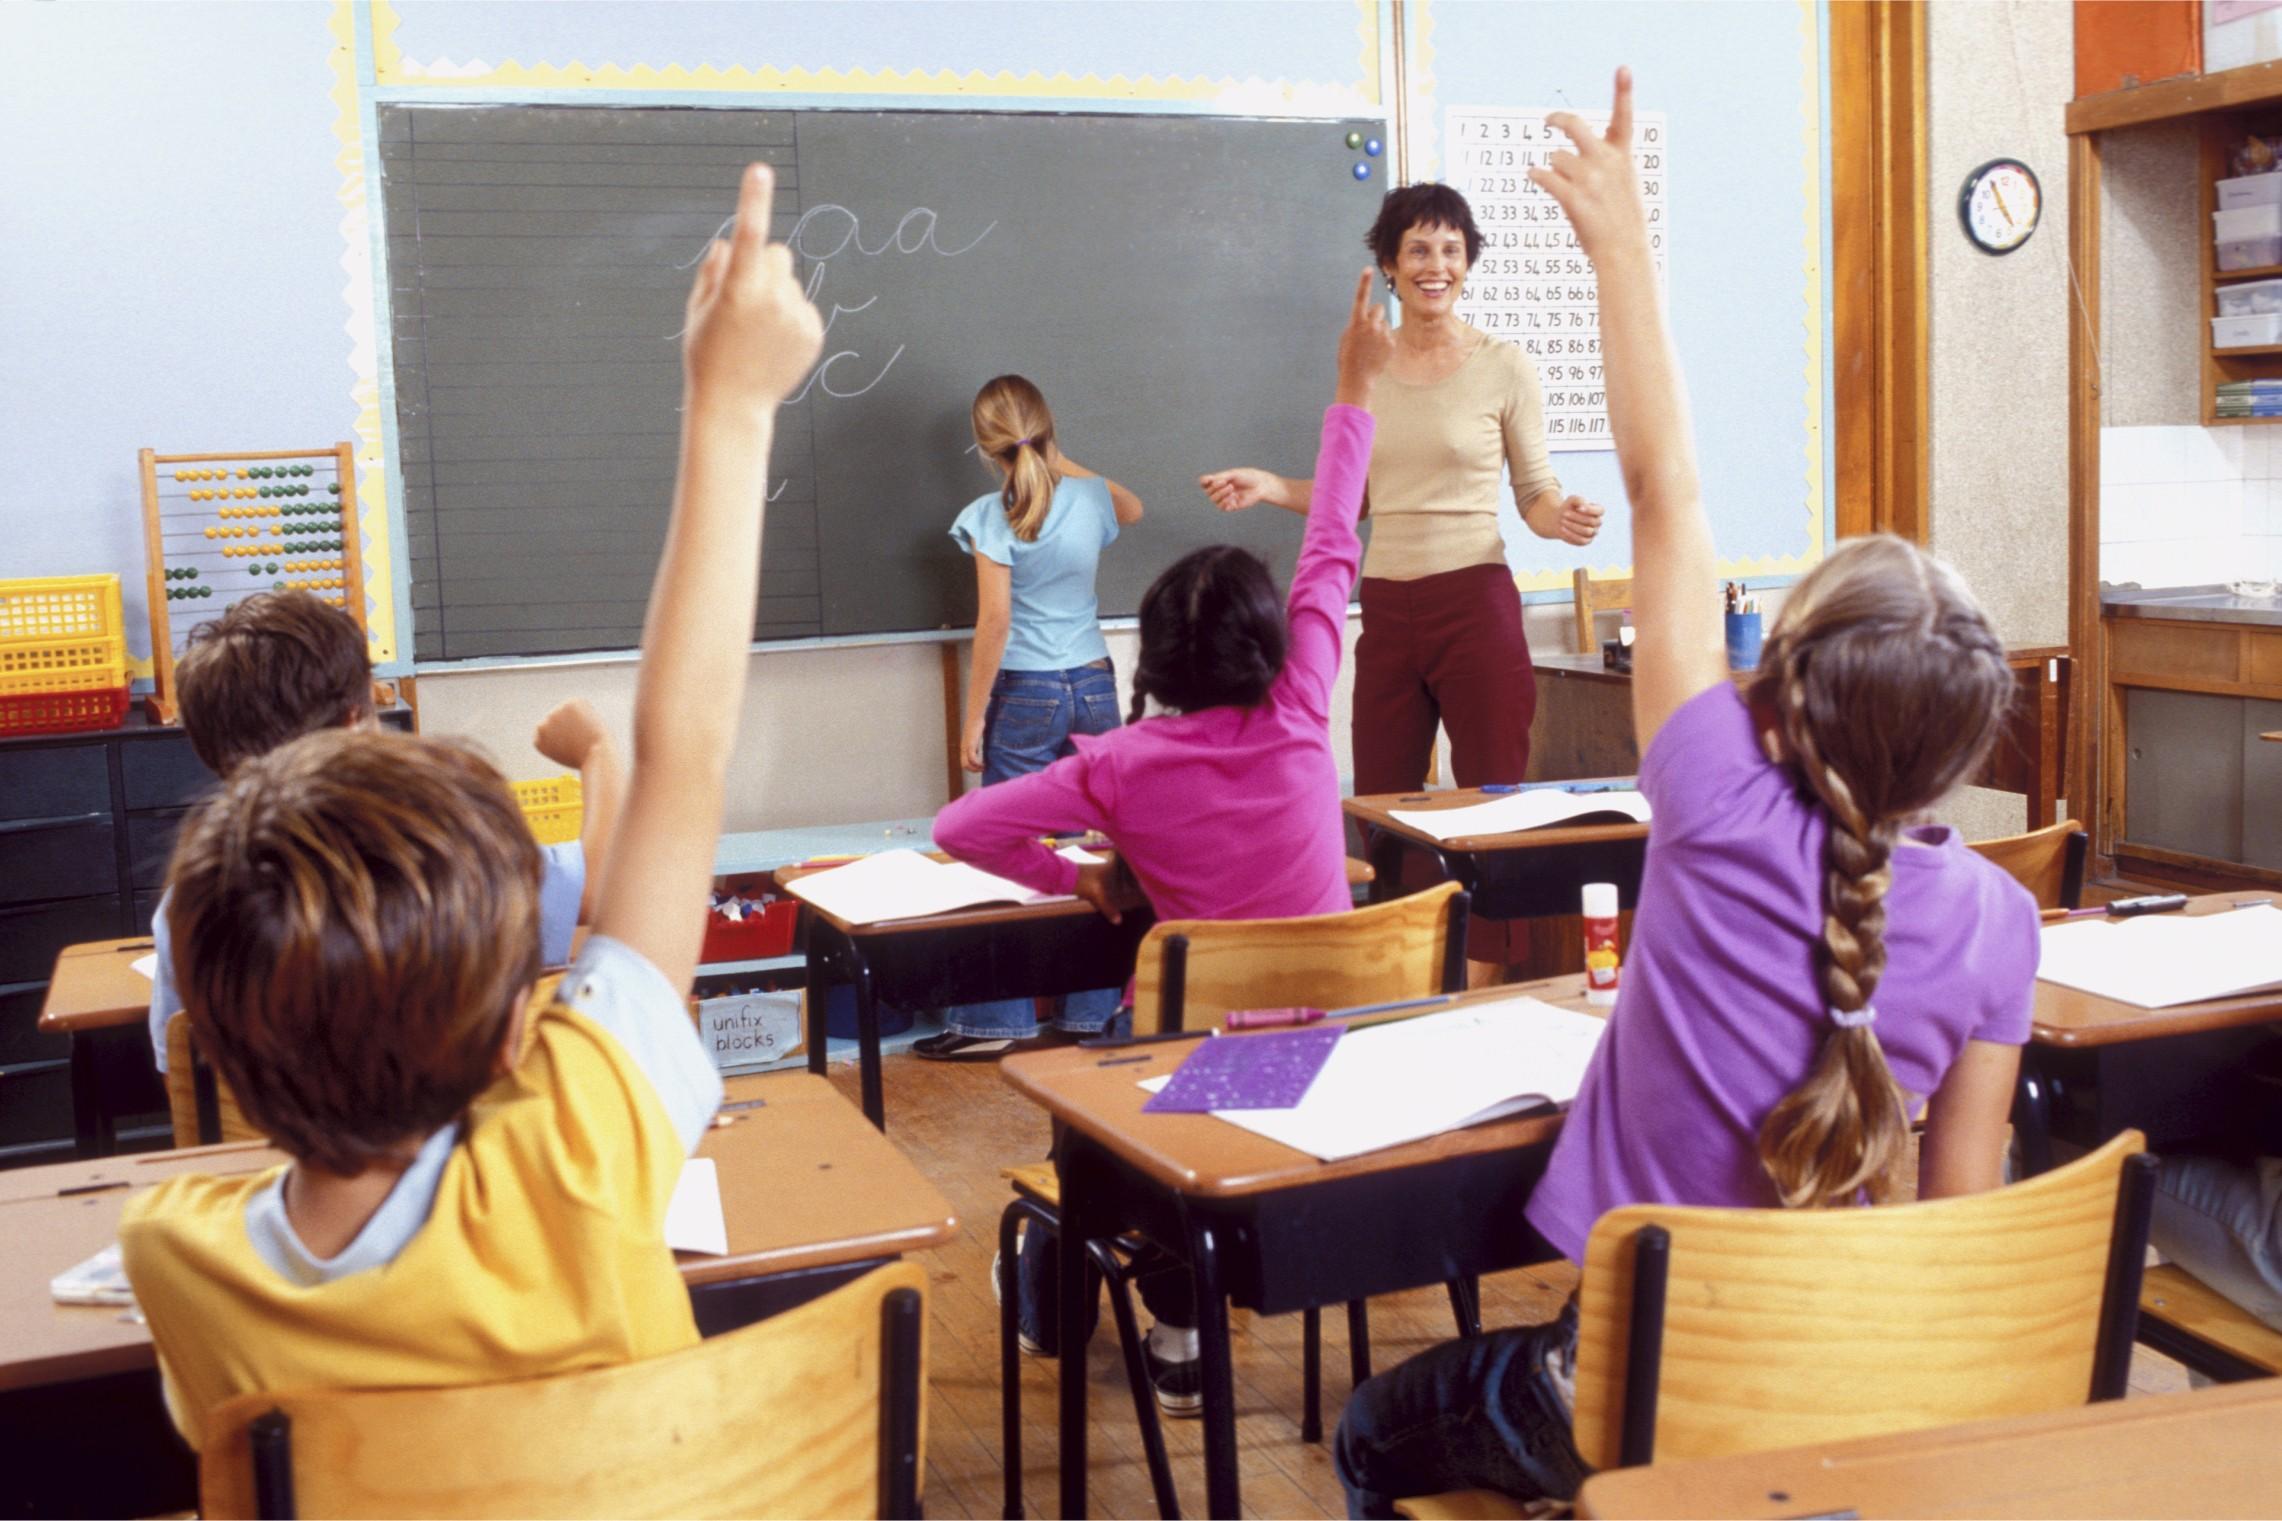 come-diventare-maestra-di-scuola-elementare_a9df243376ff0e0069d7556540992043